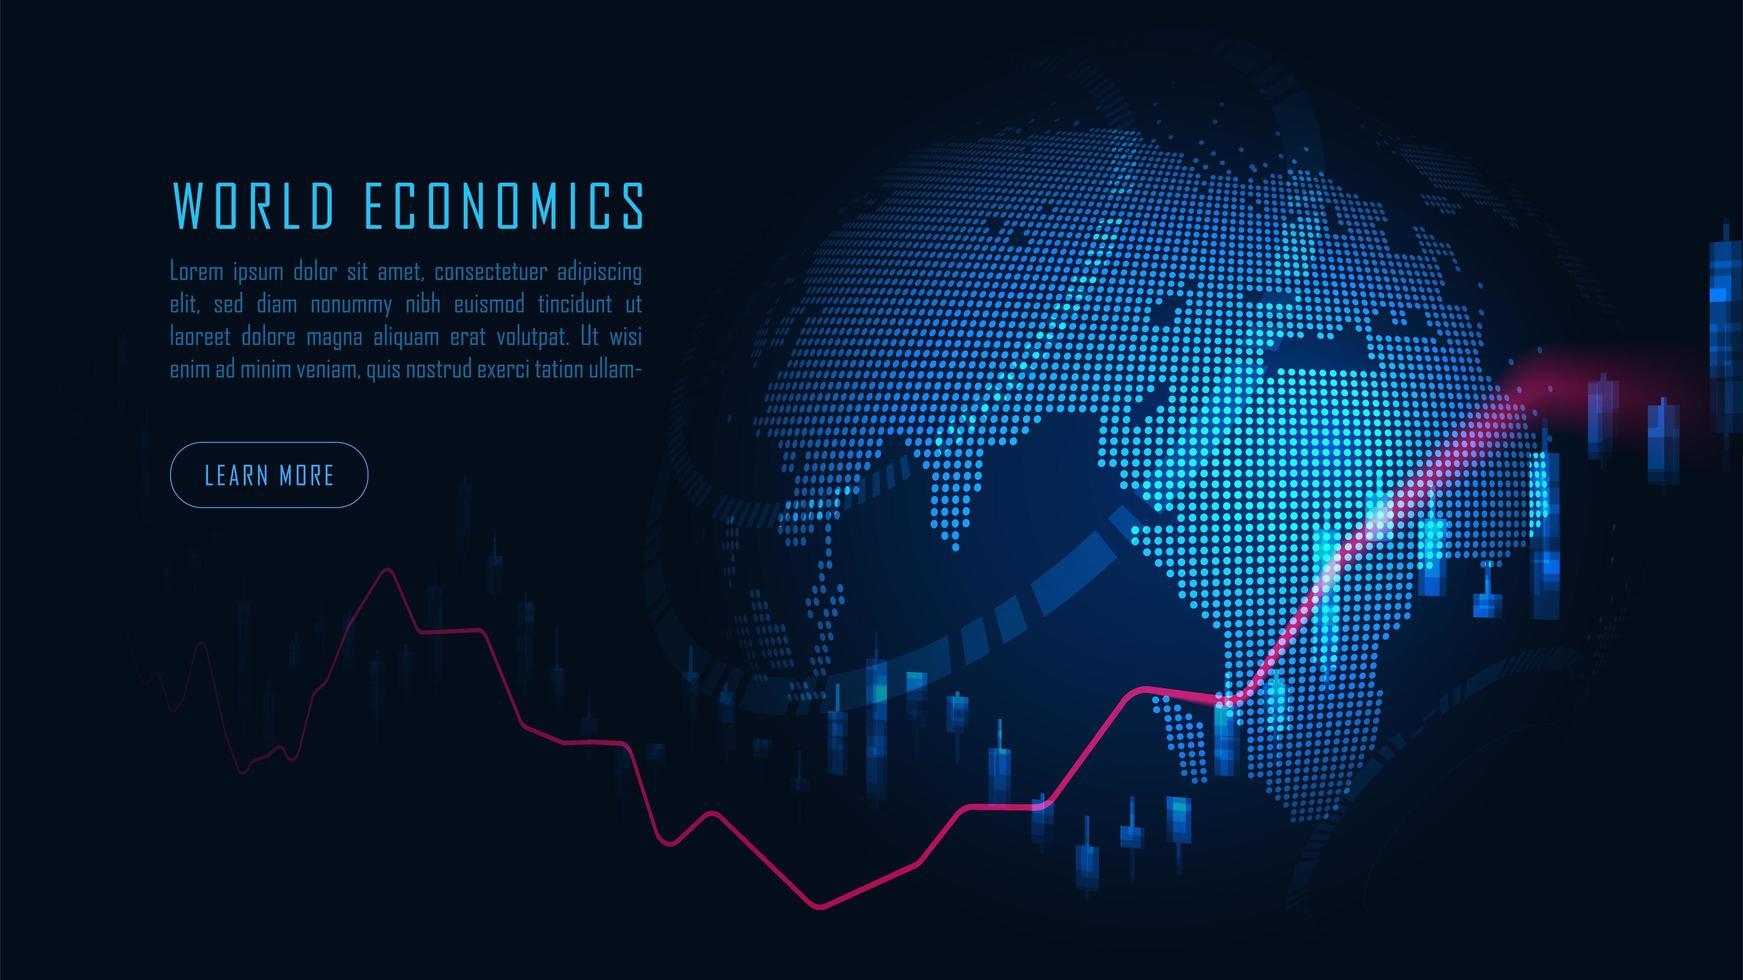 mercato azionario globale o grafico forex trading vettore